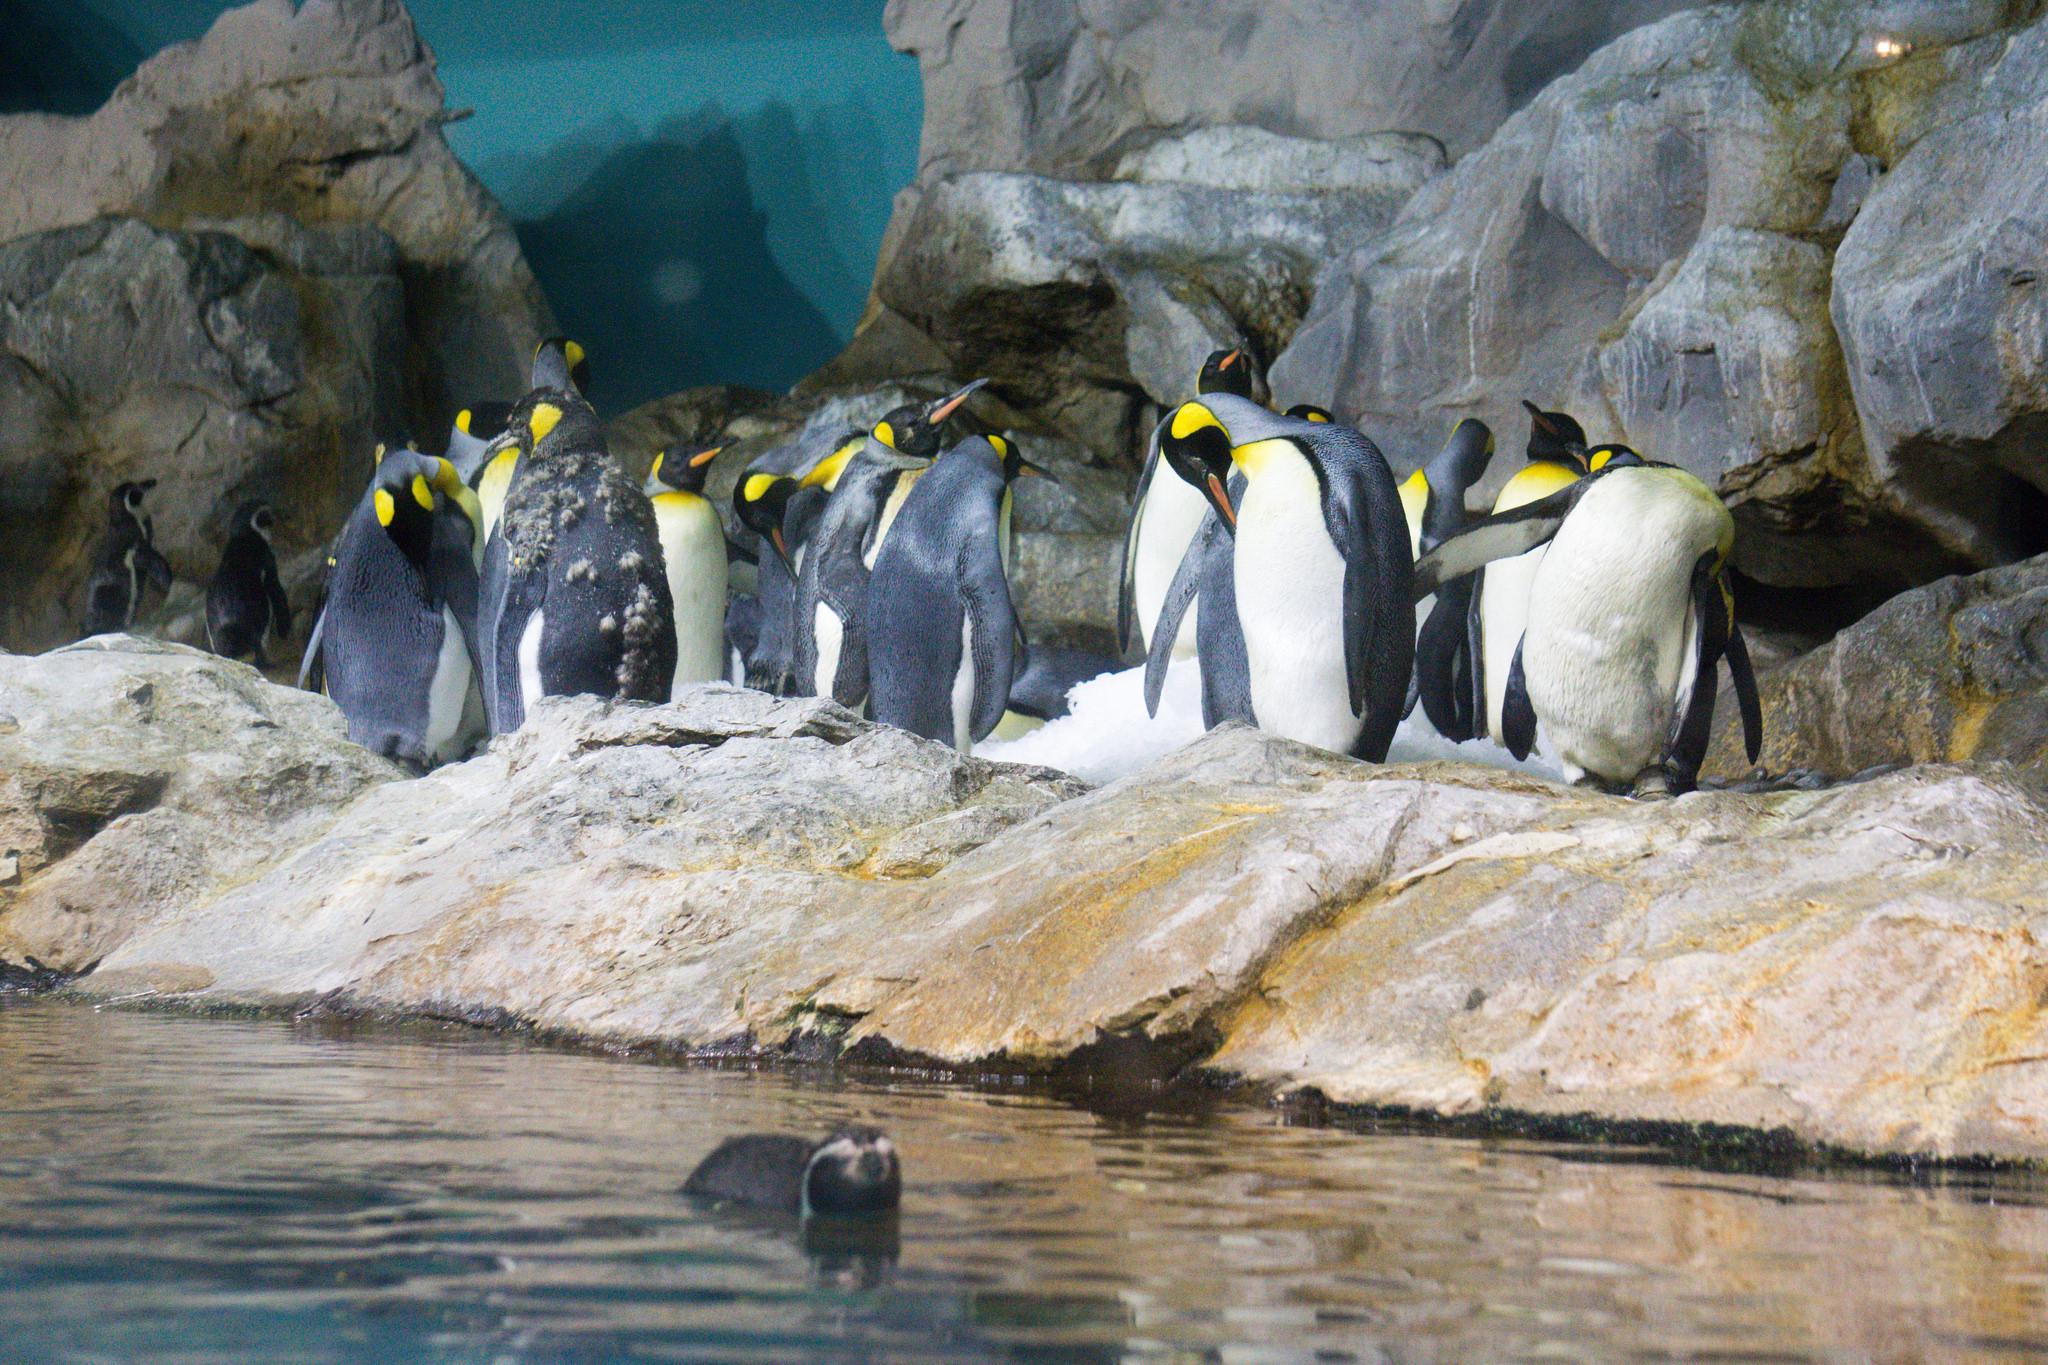 Пингвины, Парк птиц Джуронг, Сингапур